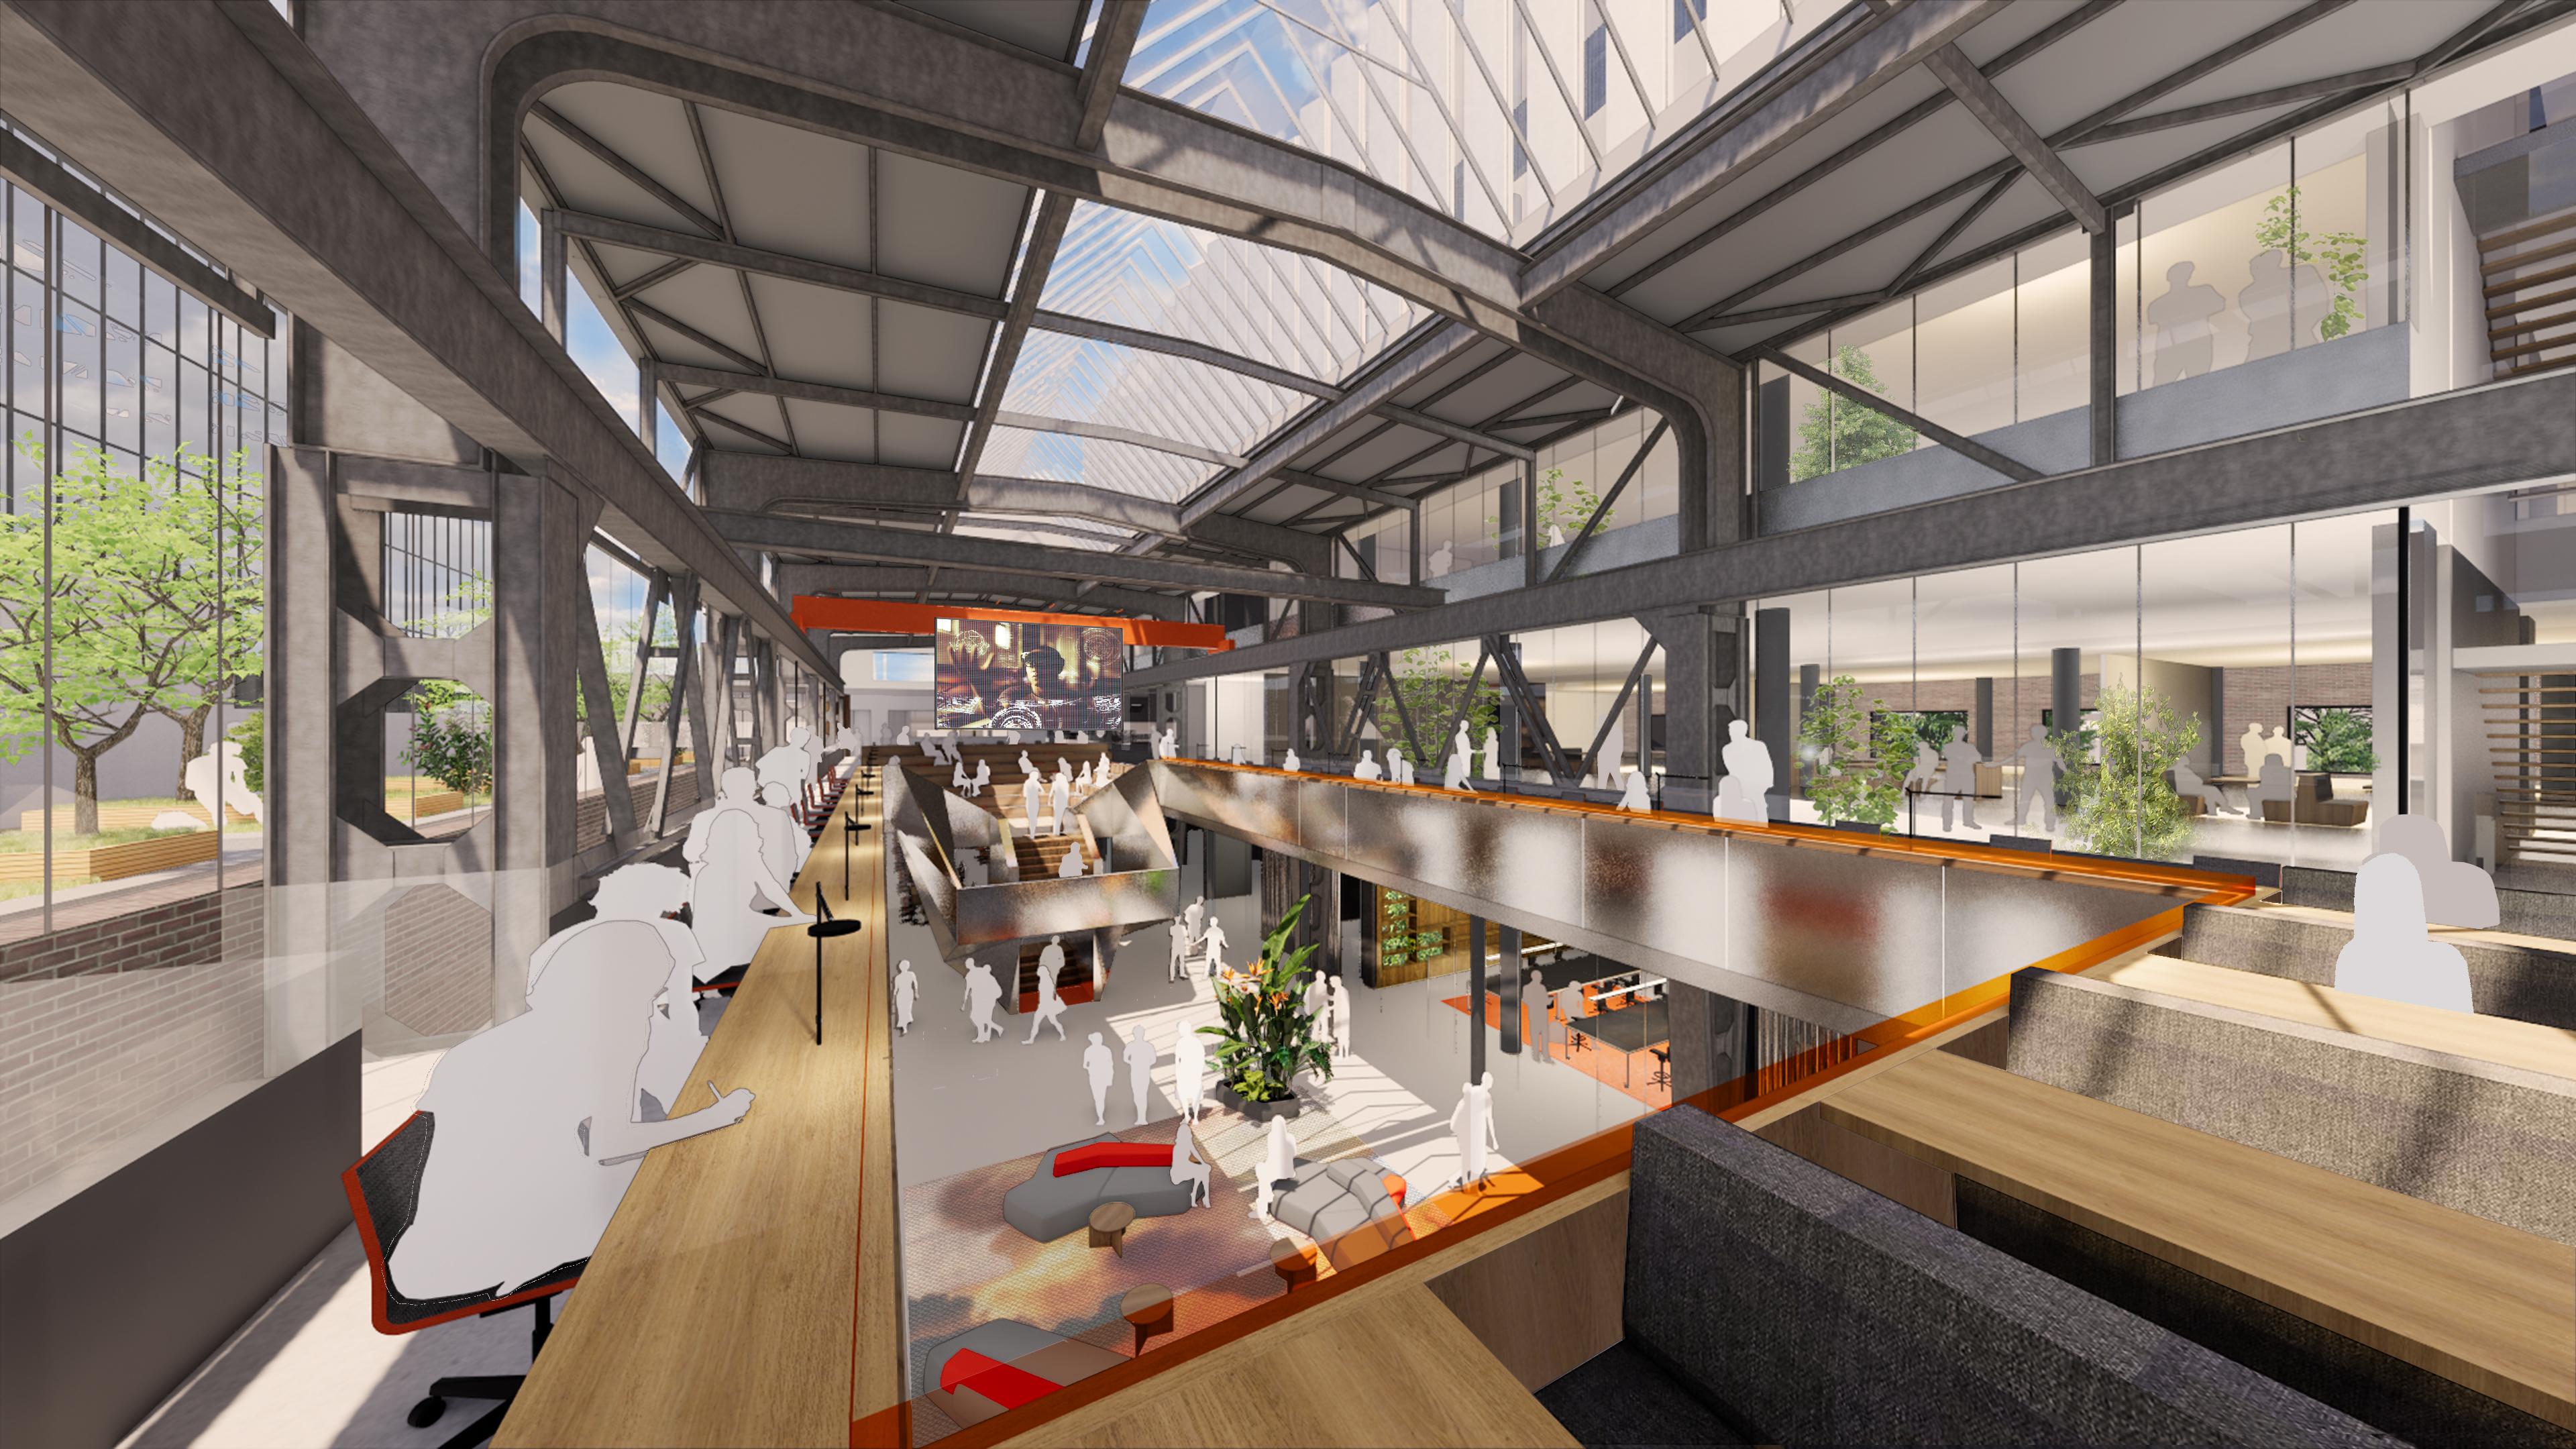 Impressie van de mediatheek in gebouw MindLabs, dat nu gebouwd wordt in de Tilburgse Spoorzone.